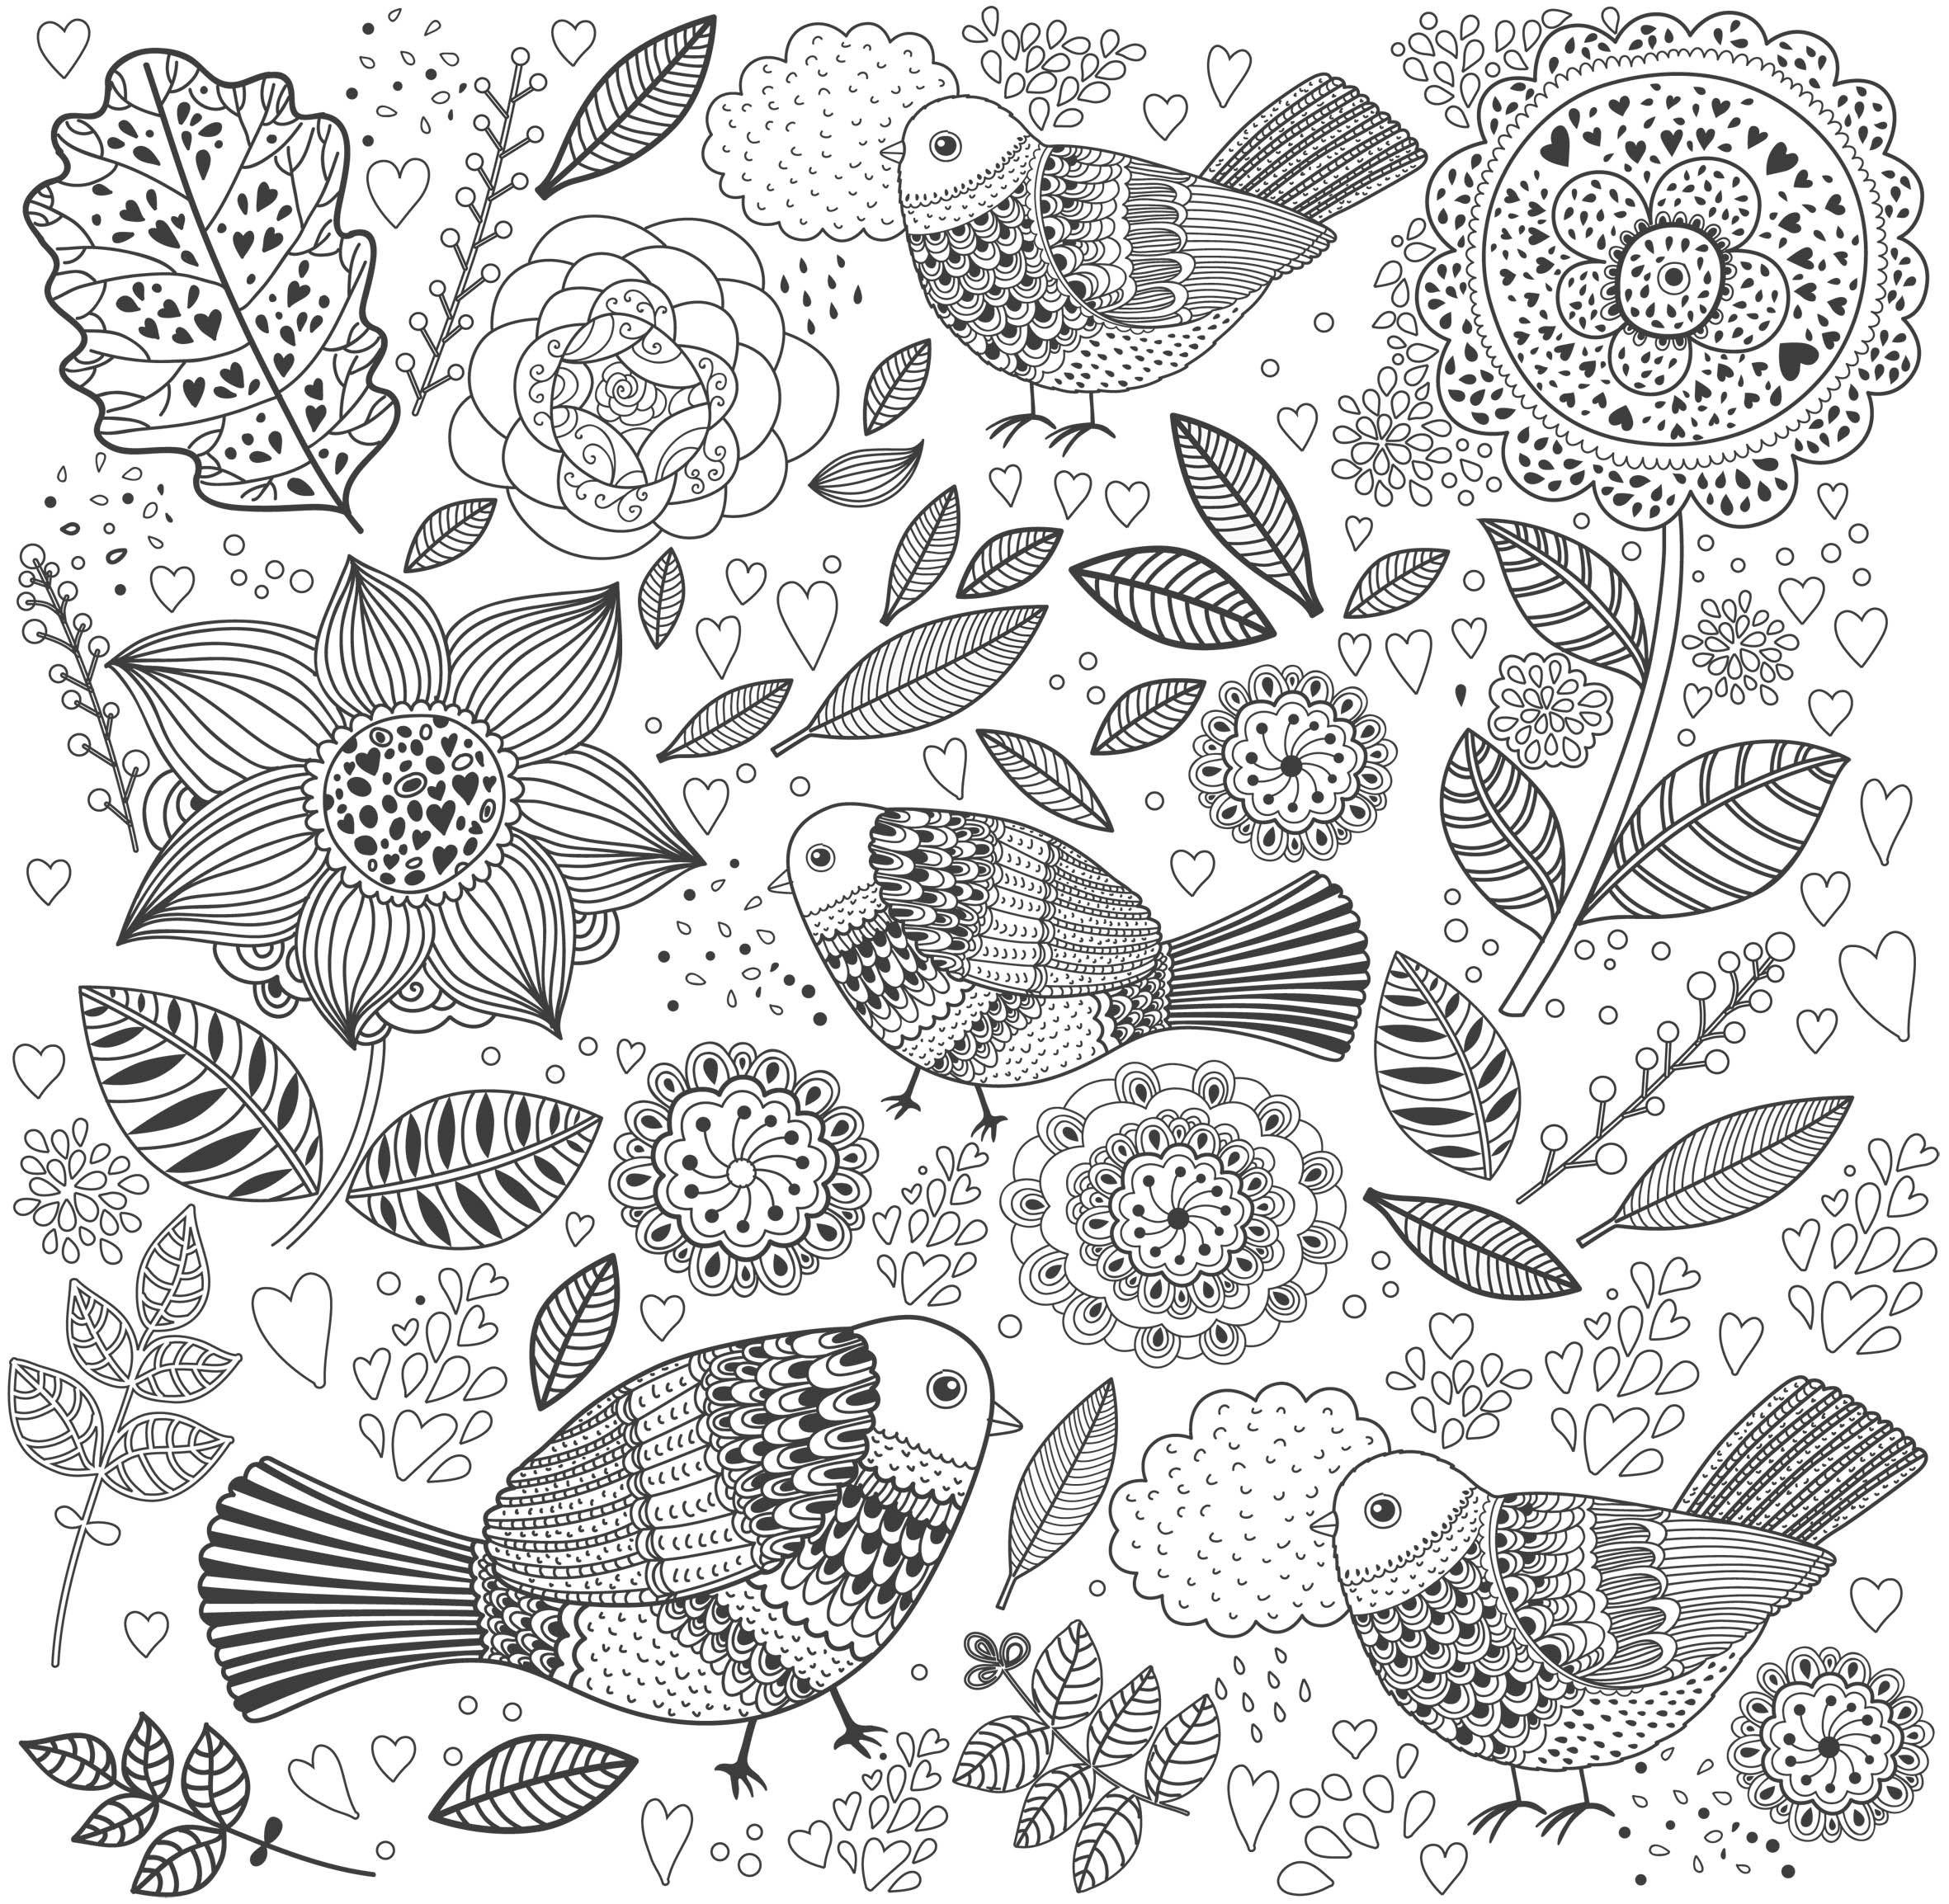 Coloriage Inspiration Amazonie Des Coloriages Anti Stress En Printable Gratuit Prima Fr Coloriage Anti Stress Coloriage Zen Coloriage